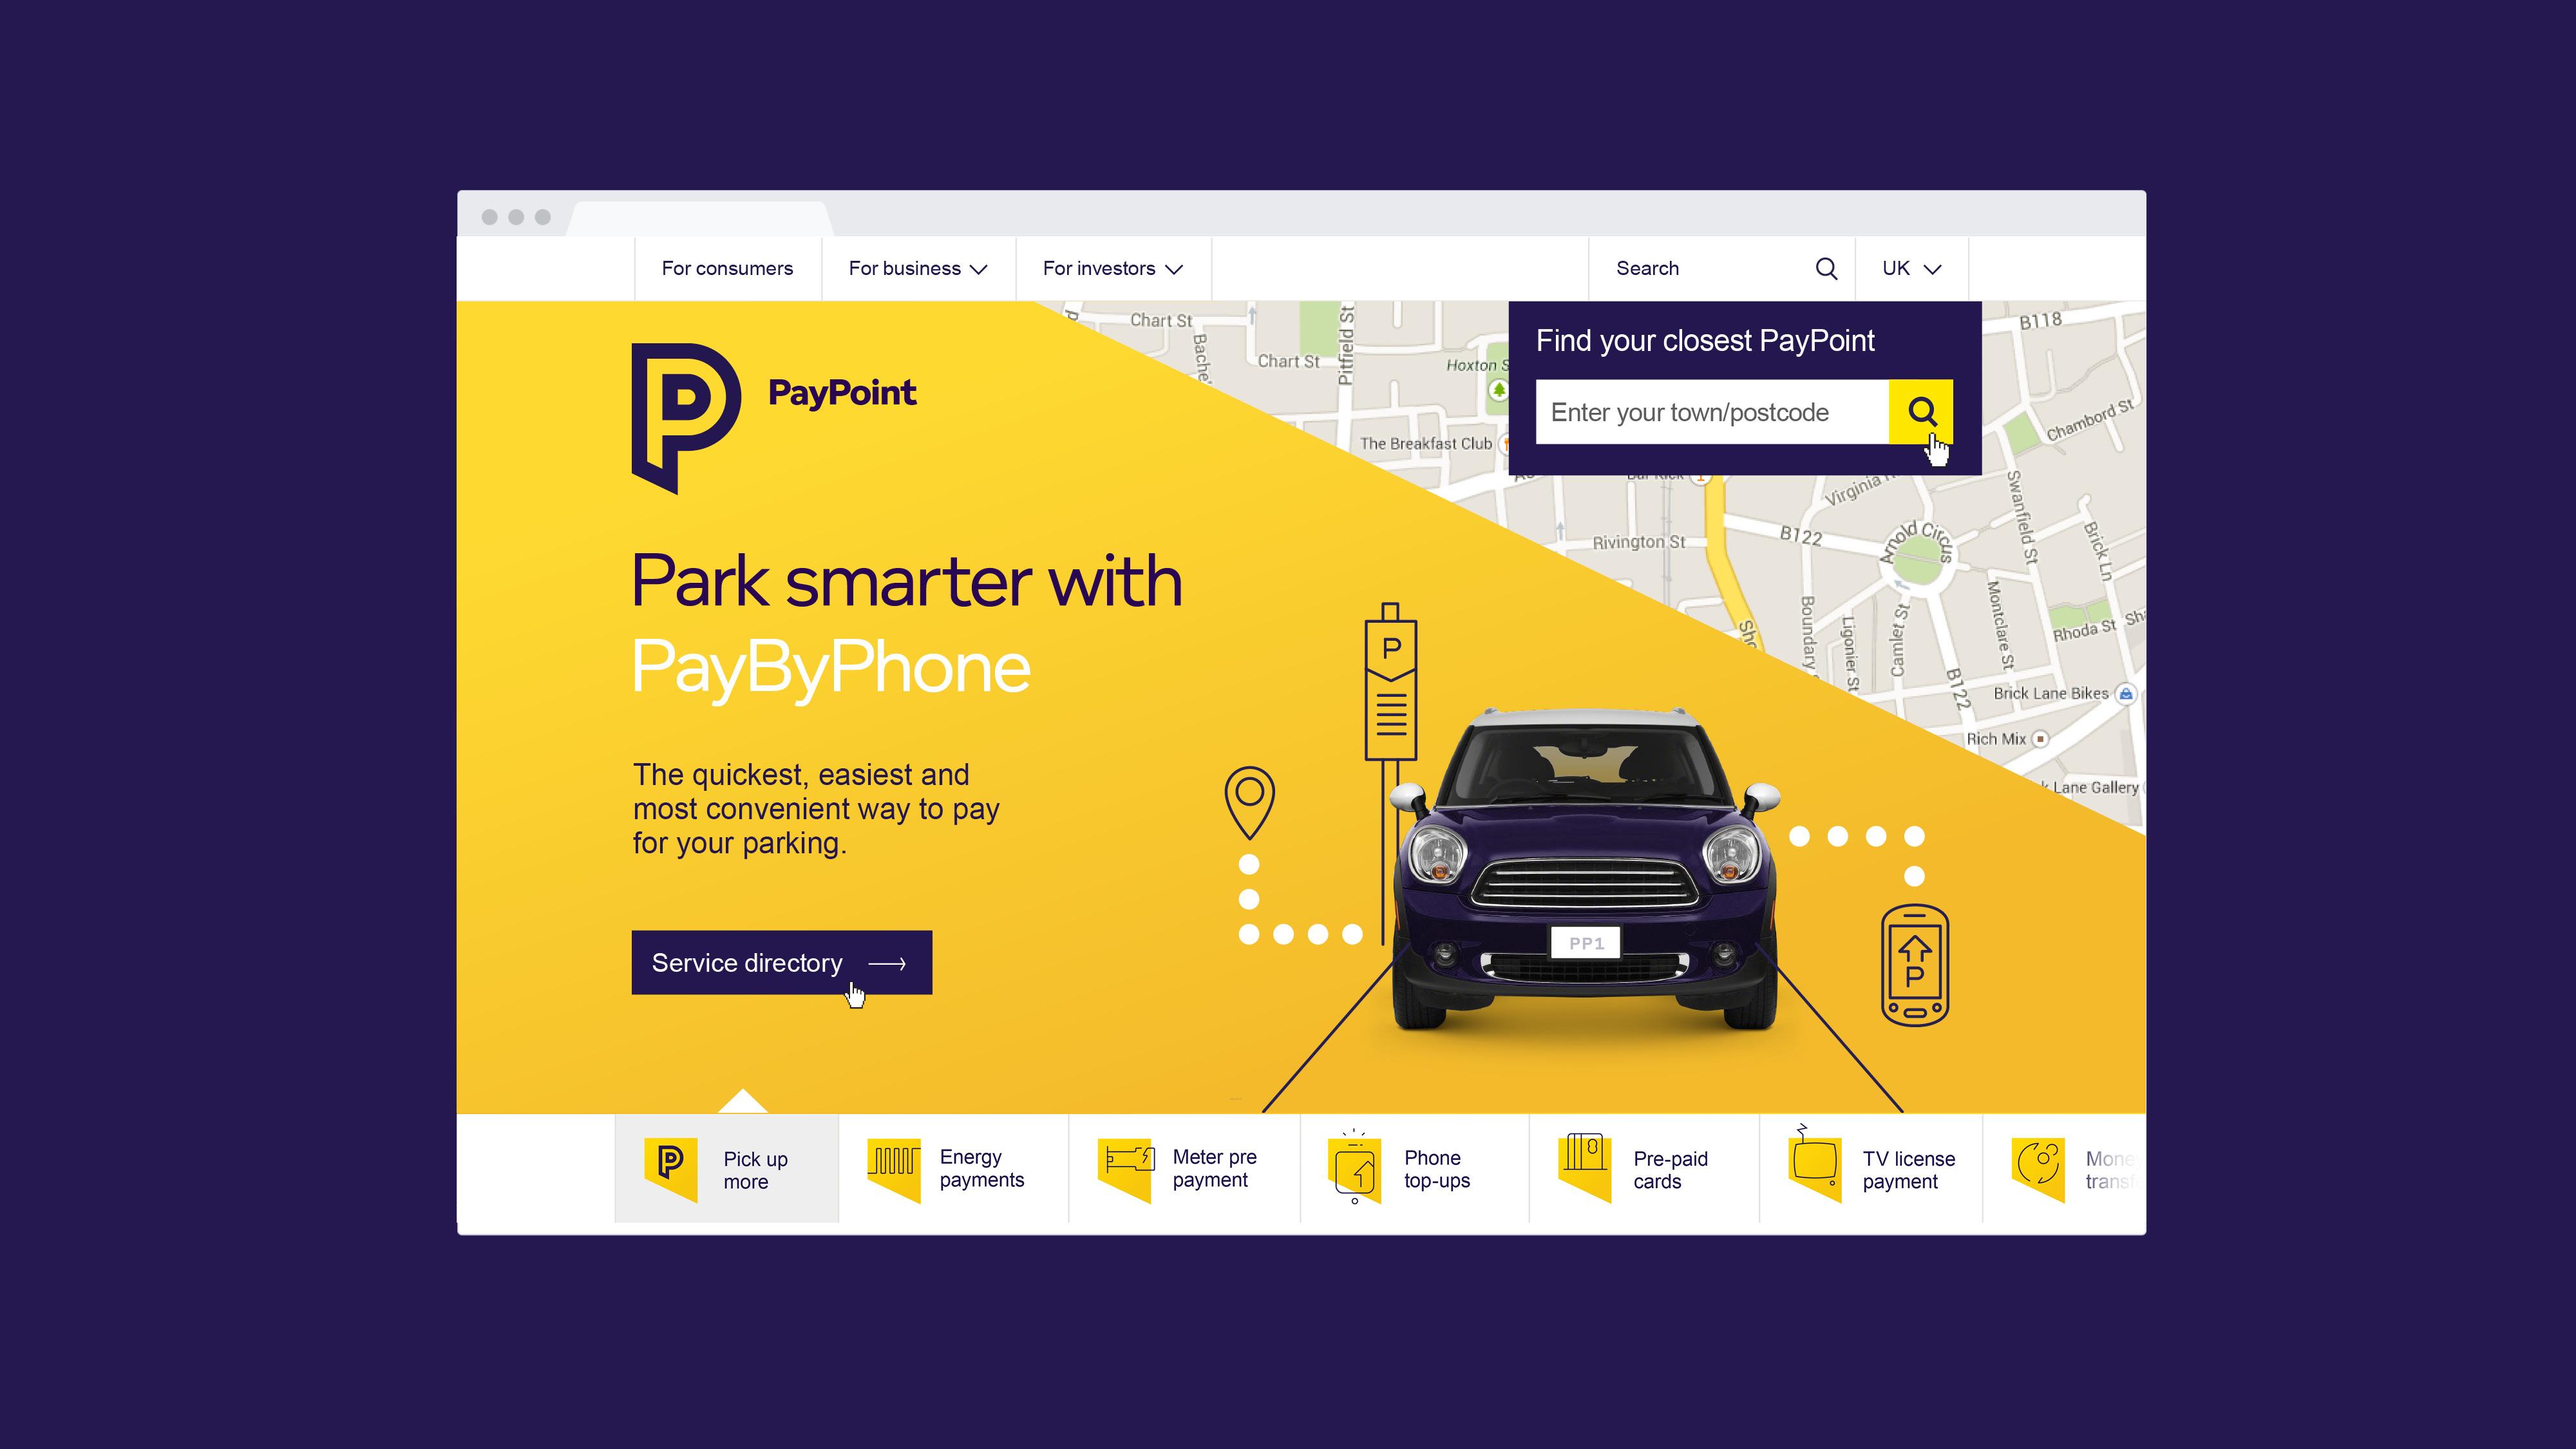 Chris_Pitney_2020_Portfolio_Paypoint14